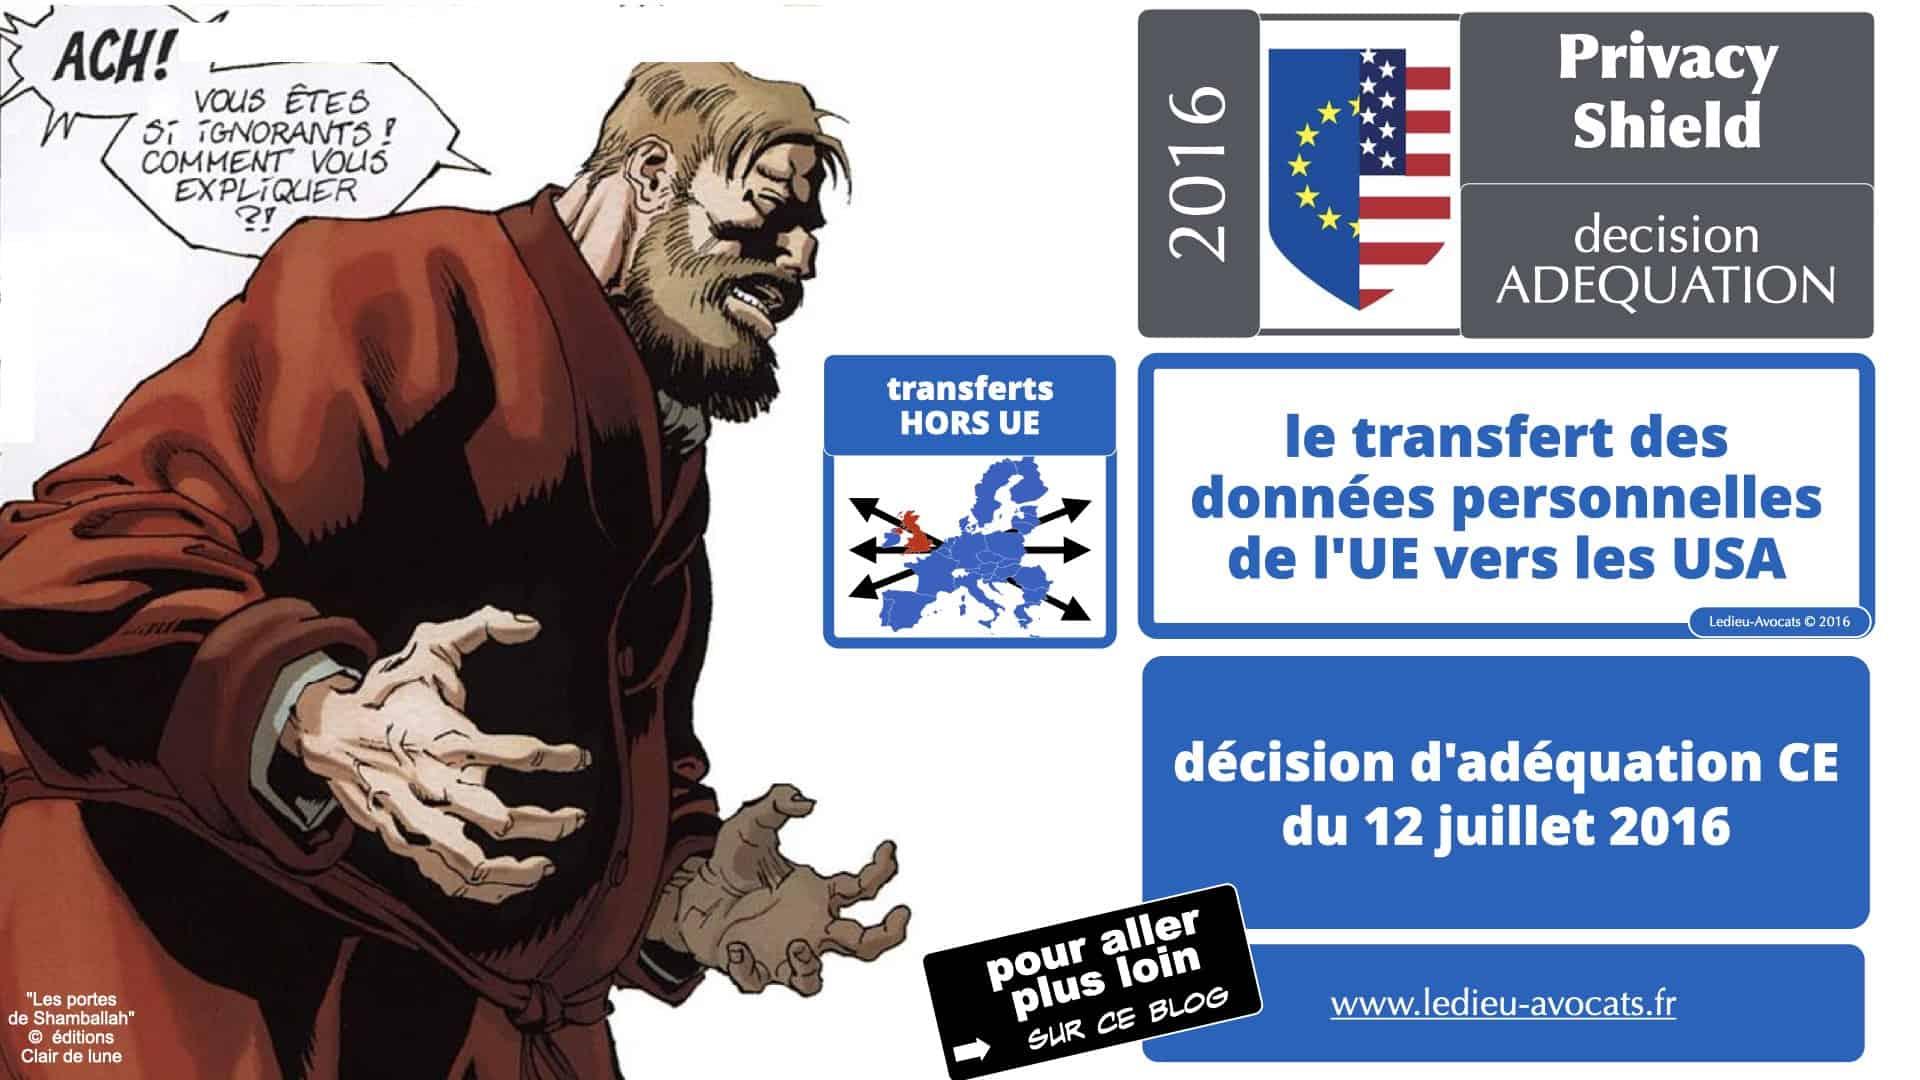 RGPD e-Privacy données personnelles jurisprudence formation Lamy Les Echos 10-02-2021 ©Ledieu-Avocats.323